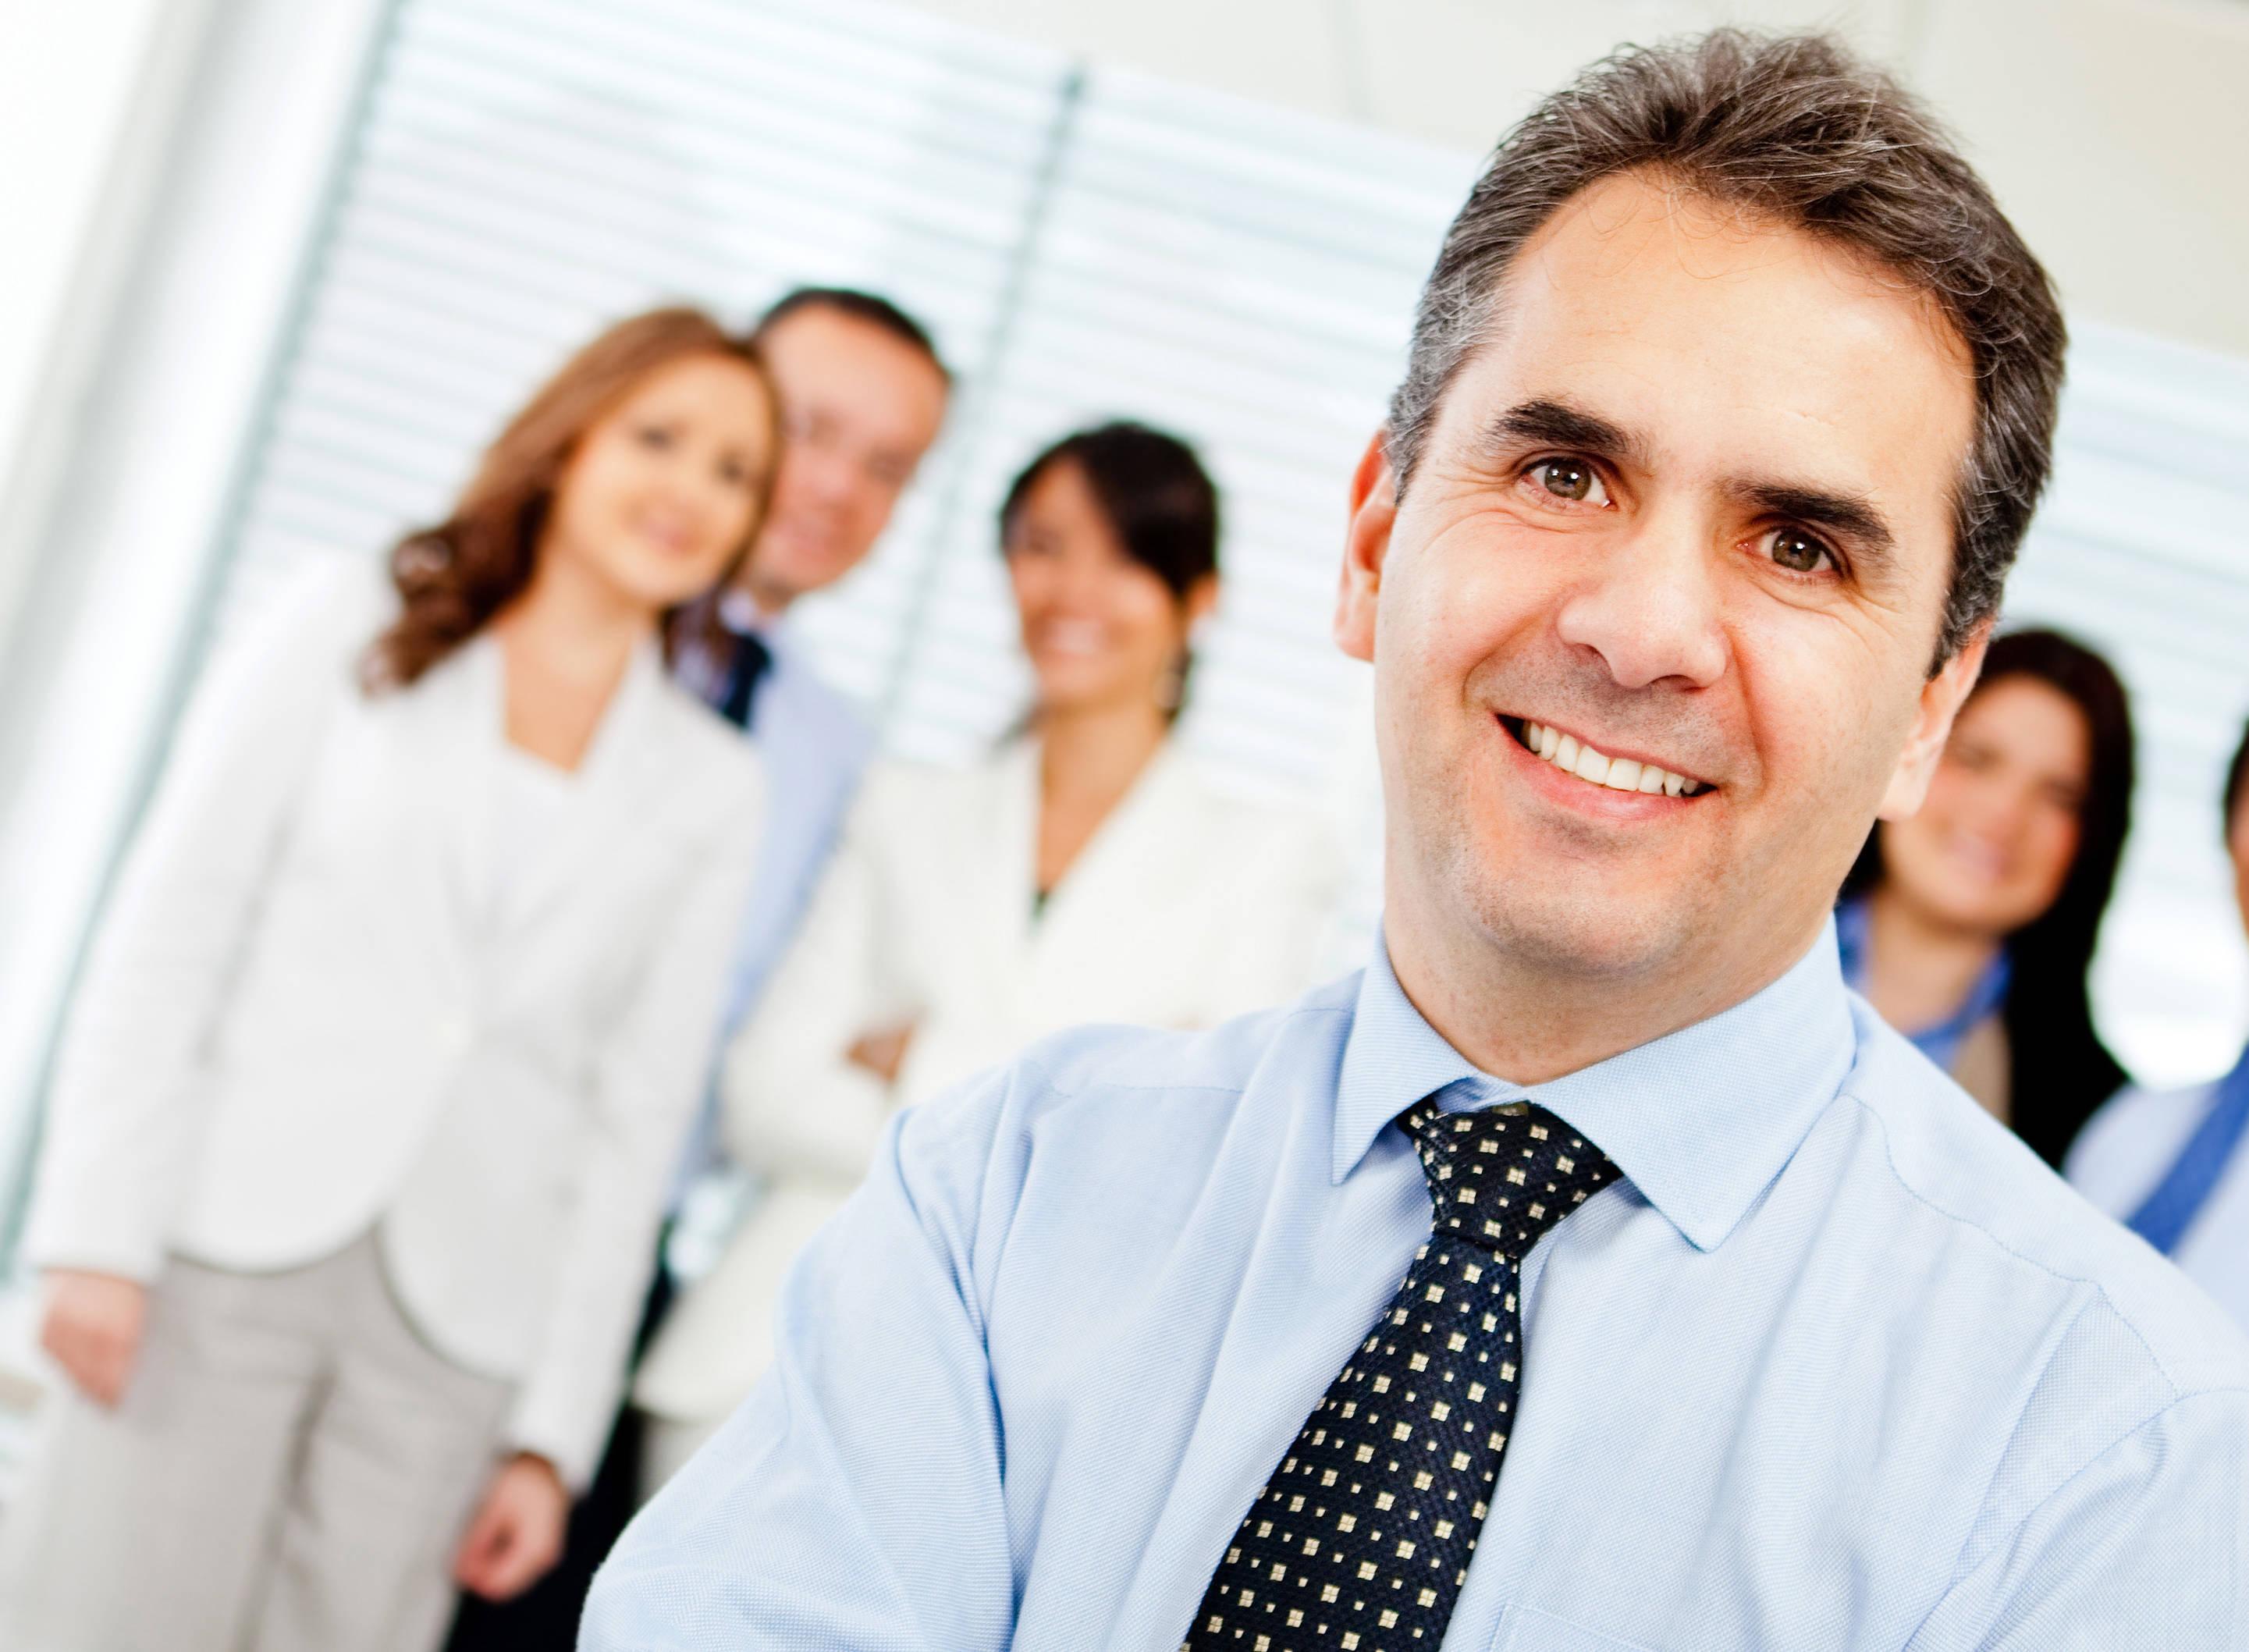 La importancia del servicio de una buena firma de abogados